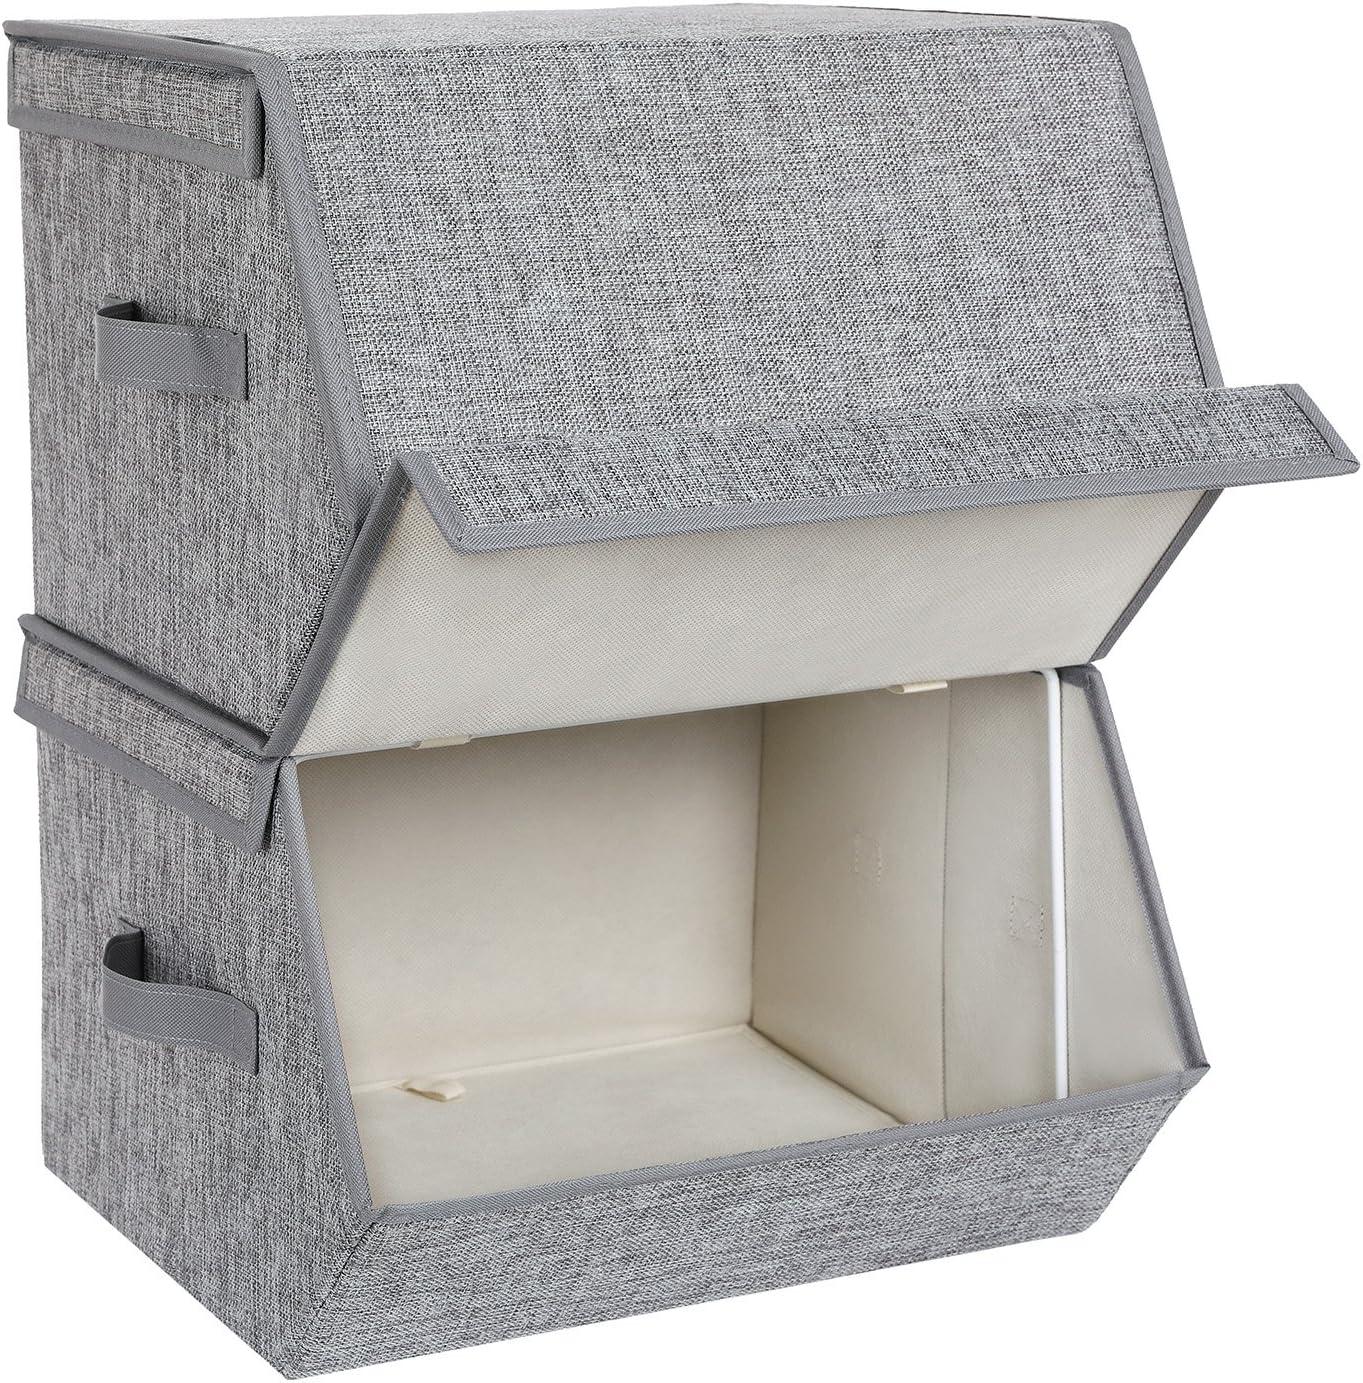 SONGMICS RLB02GY Juego de 2 Cajas de Almacenamiento con Tapa magnética, Cajas Plegables apilables con Funda de Tela, Marco de Metal y Asas Laterales, para Accesorios, Juguetes, Ropa: Amazon.es: Hogar